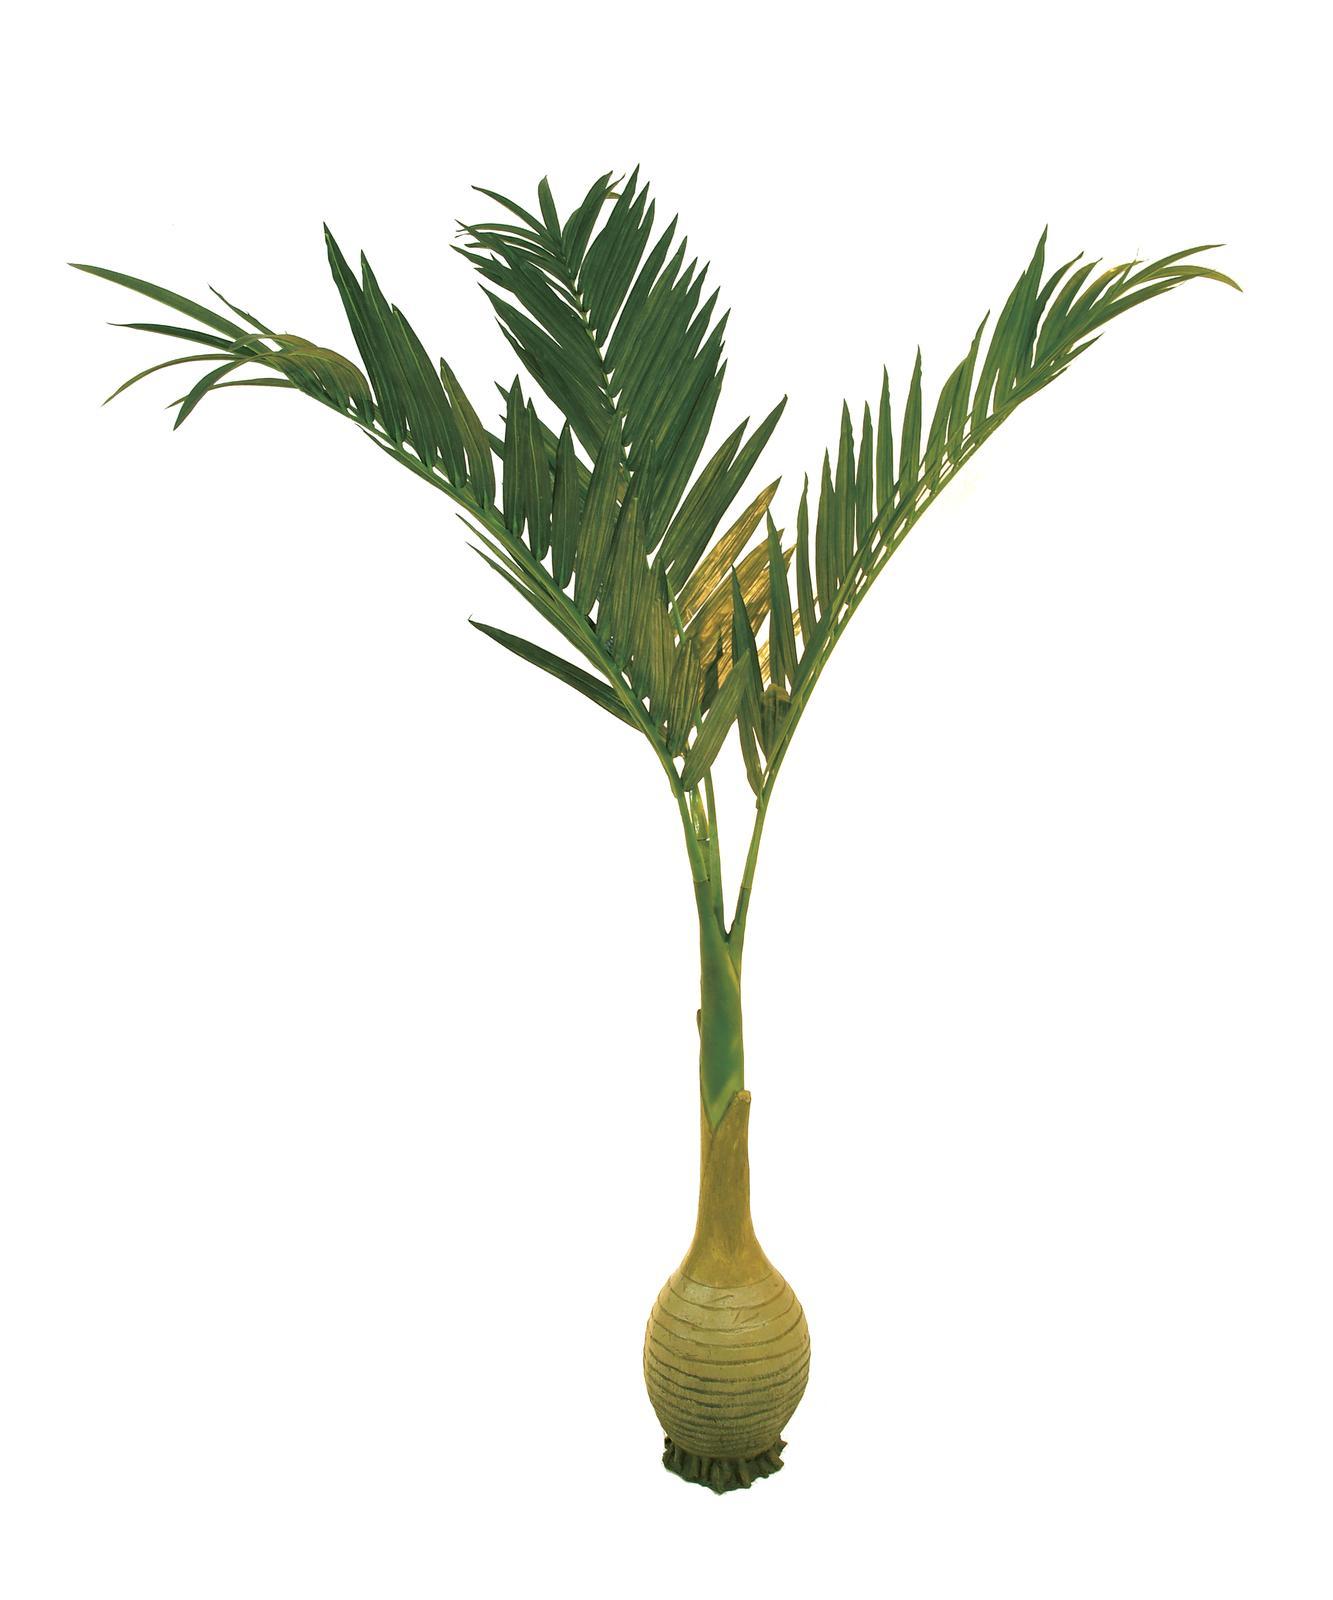 Image of   Kunstig Phoenix palmetræ med flaskeformet stamme, 240 cm